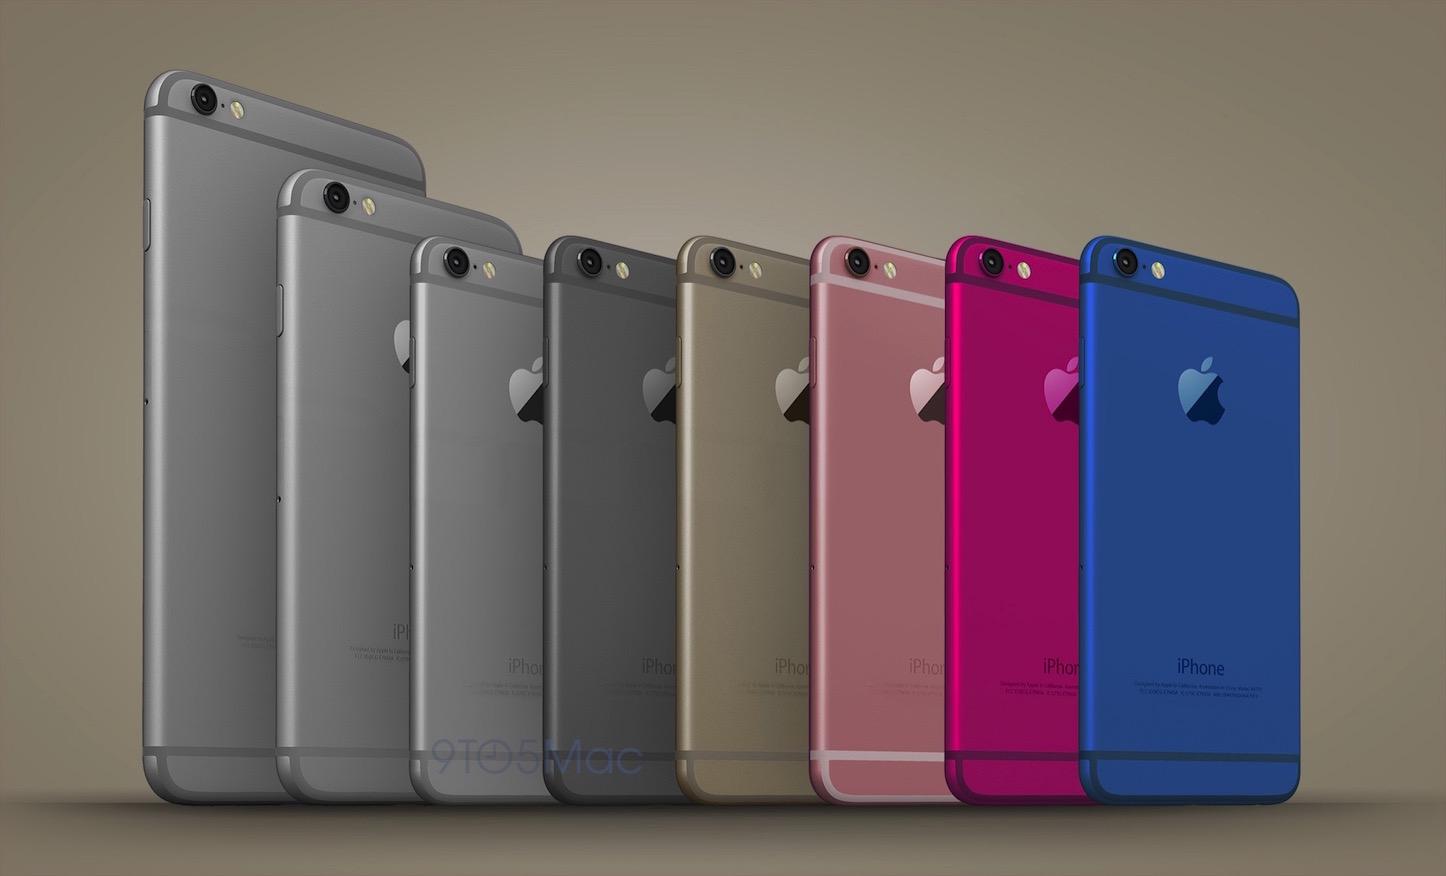 Iphone 6c iphones gold